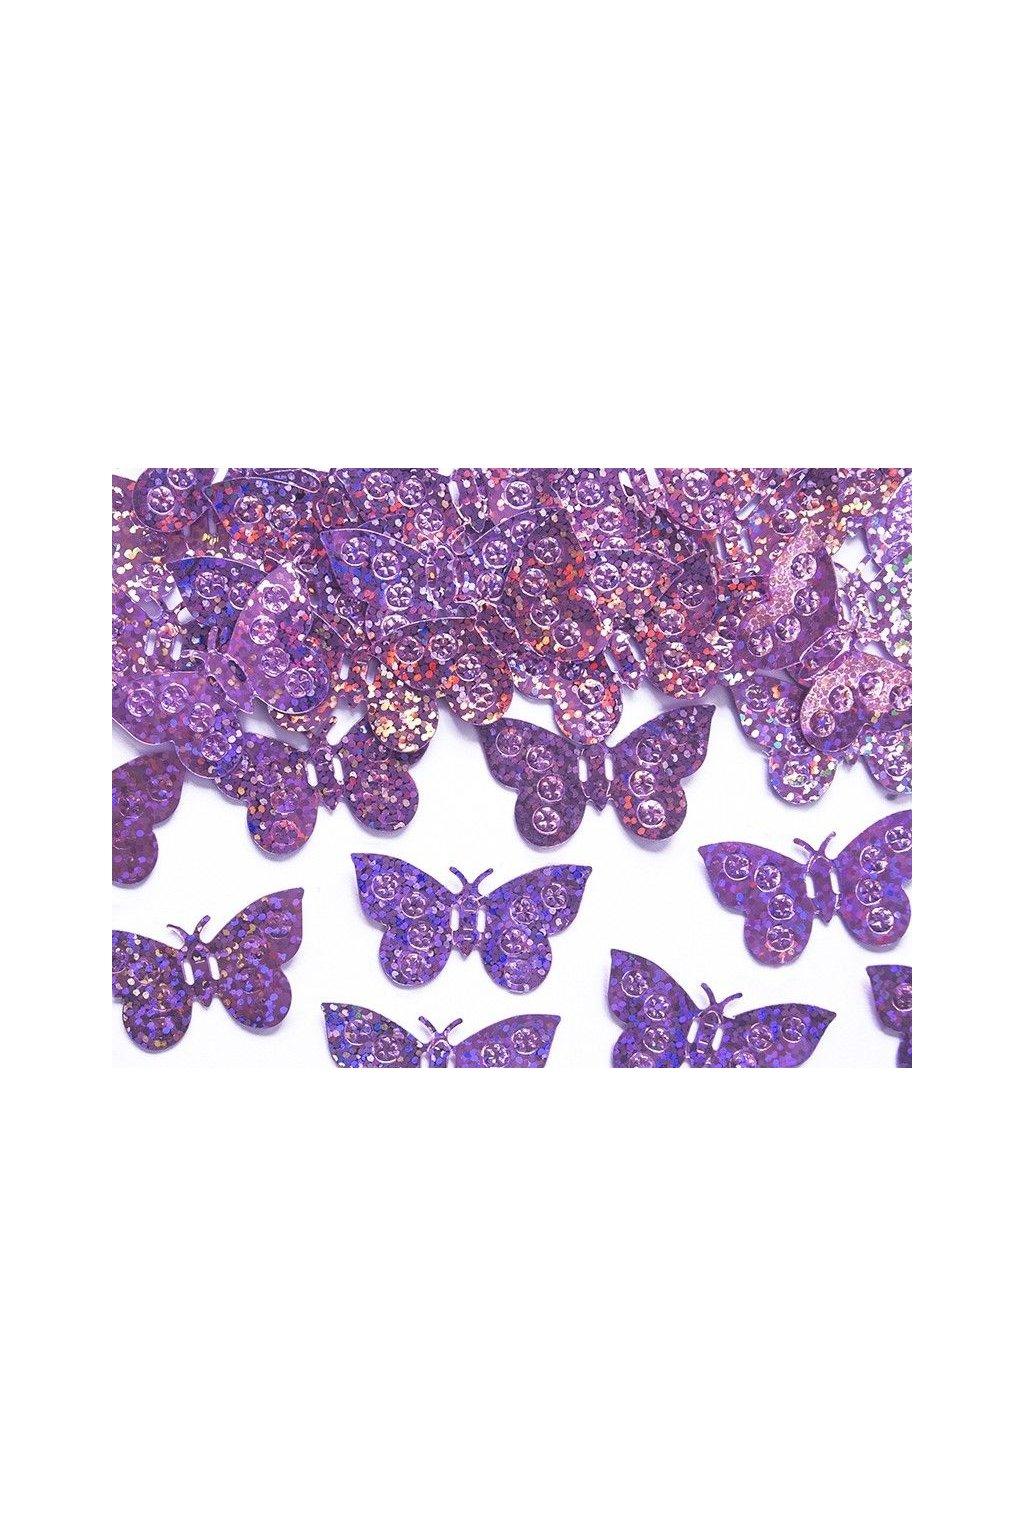 Párty konfety - motýli